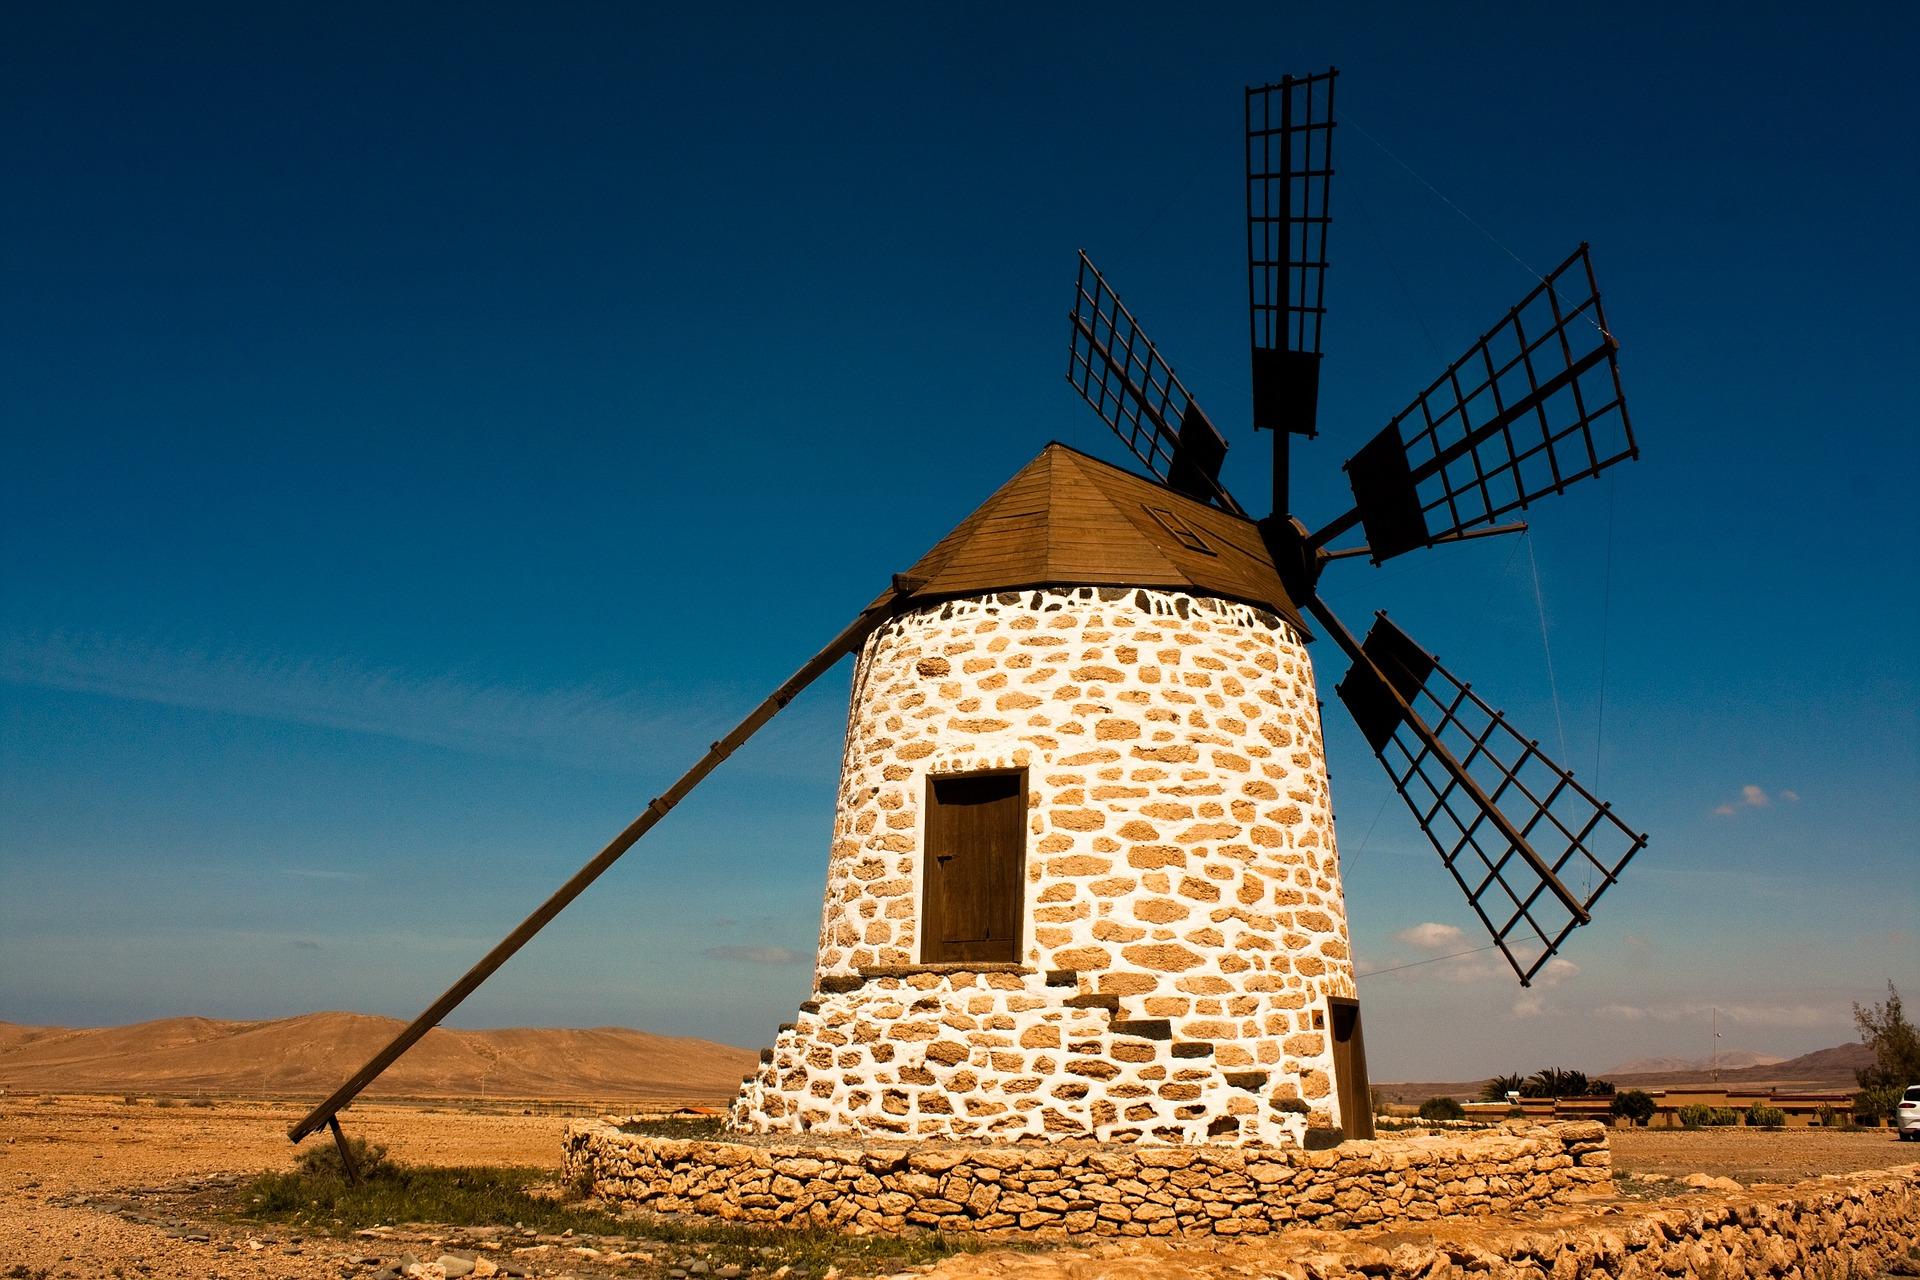 klassisk spansk vindmølle i Spanien